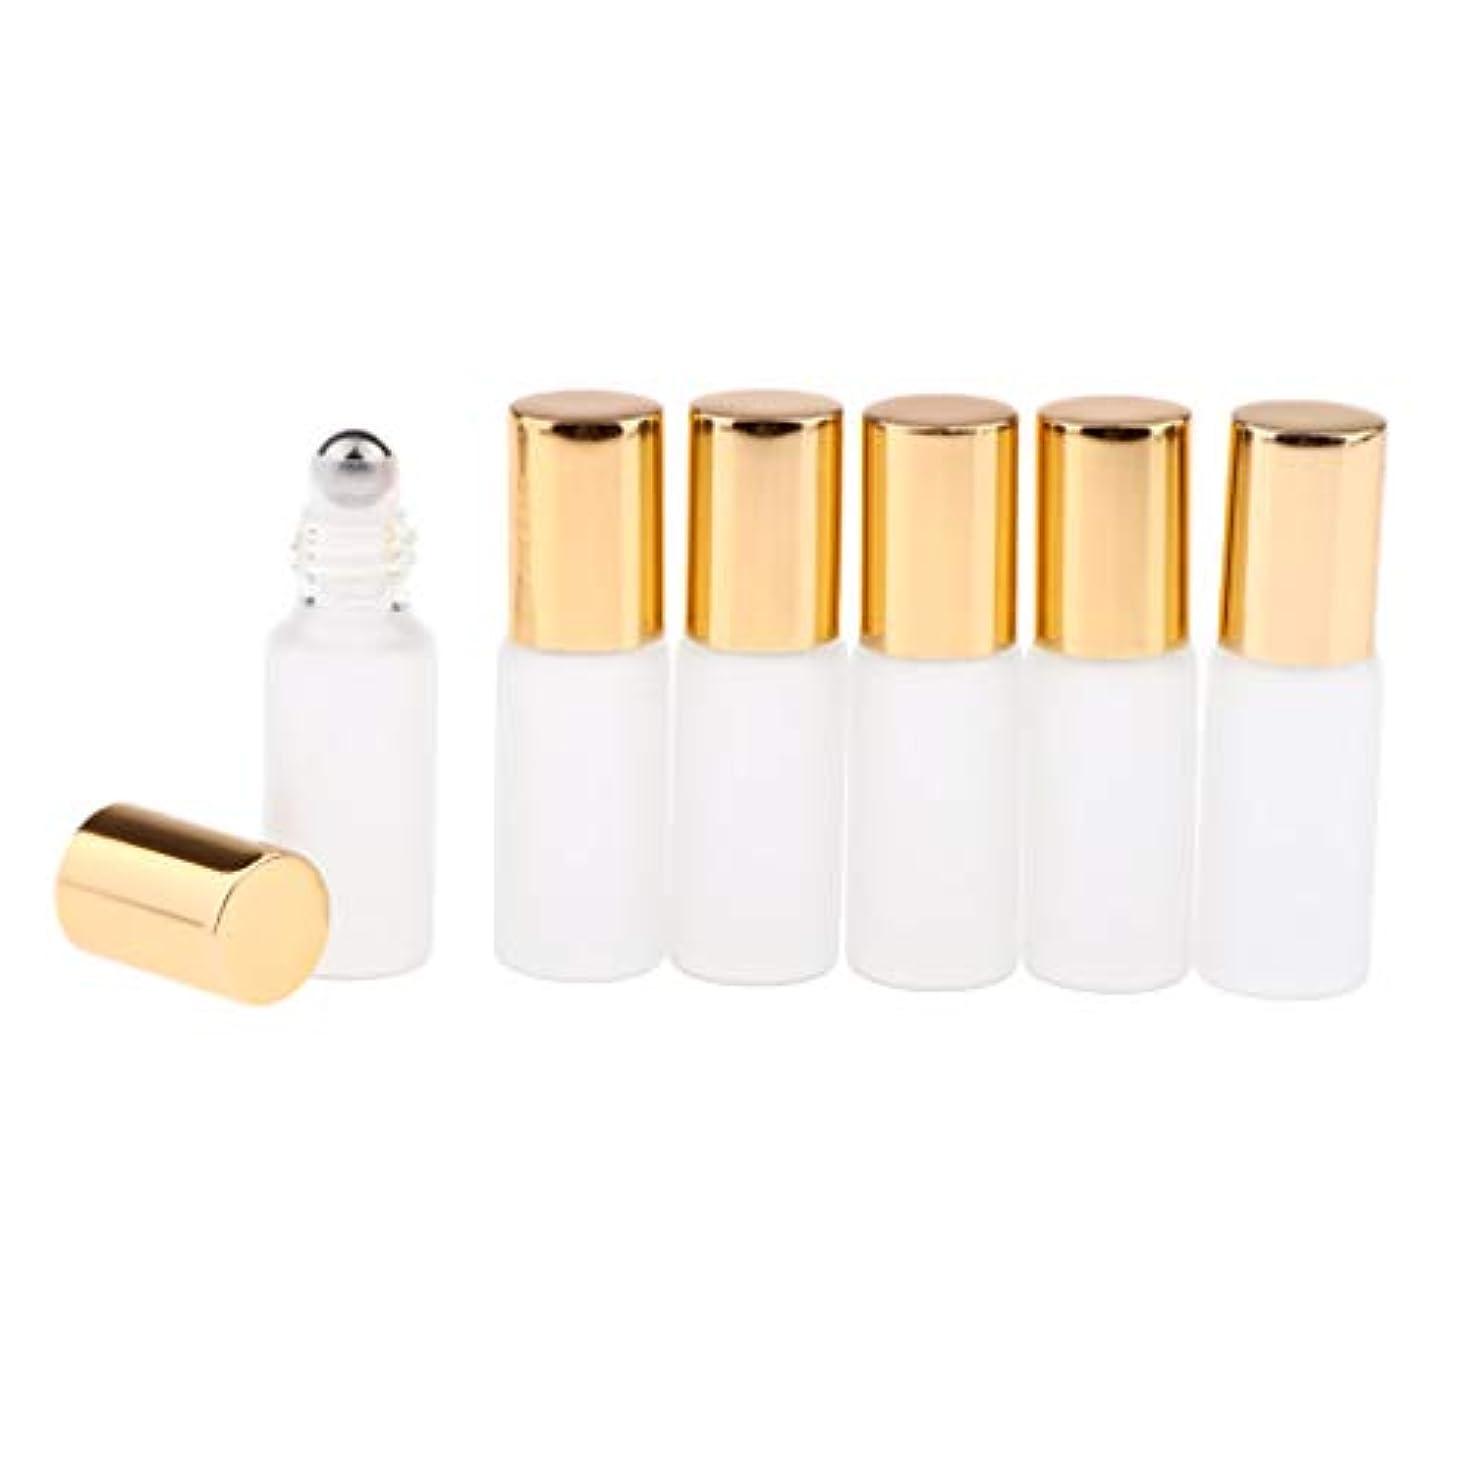 歌飛ぶ提供する3色選ぶ ロールオンアロマボトル 小分けボトル 詰替え容器 漏れ防止 ガラス製空のボトル 6本セット - ゴールド